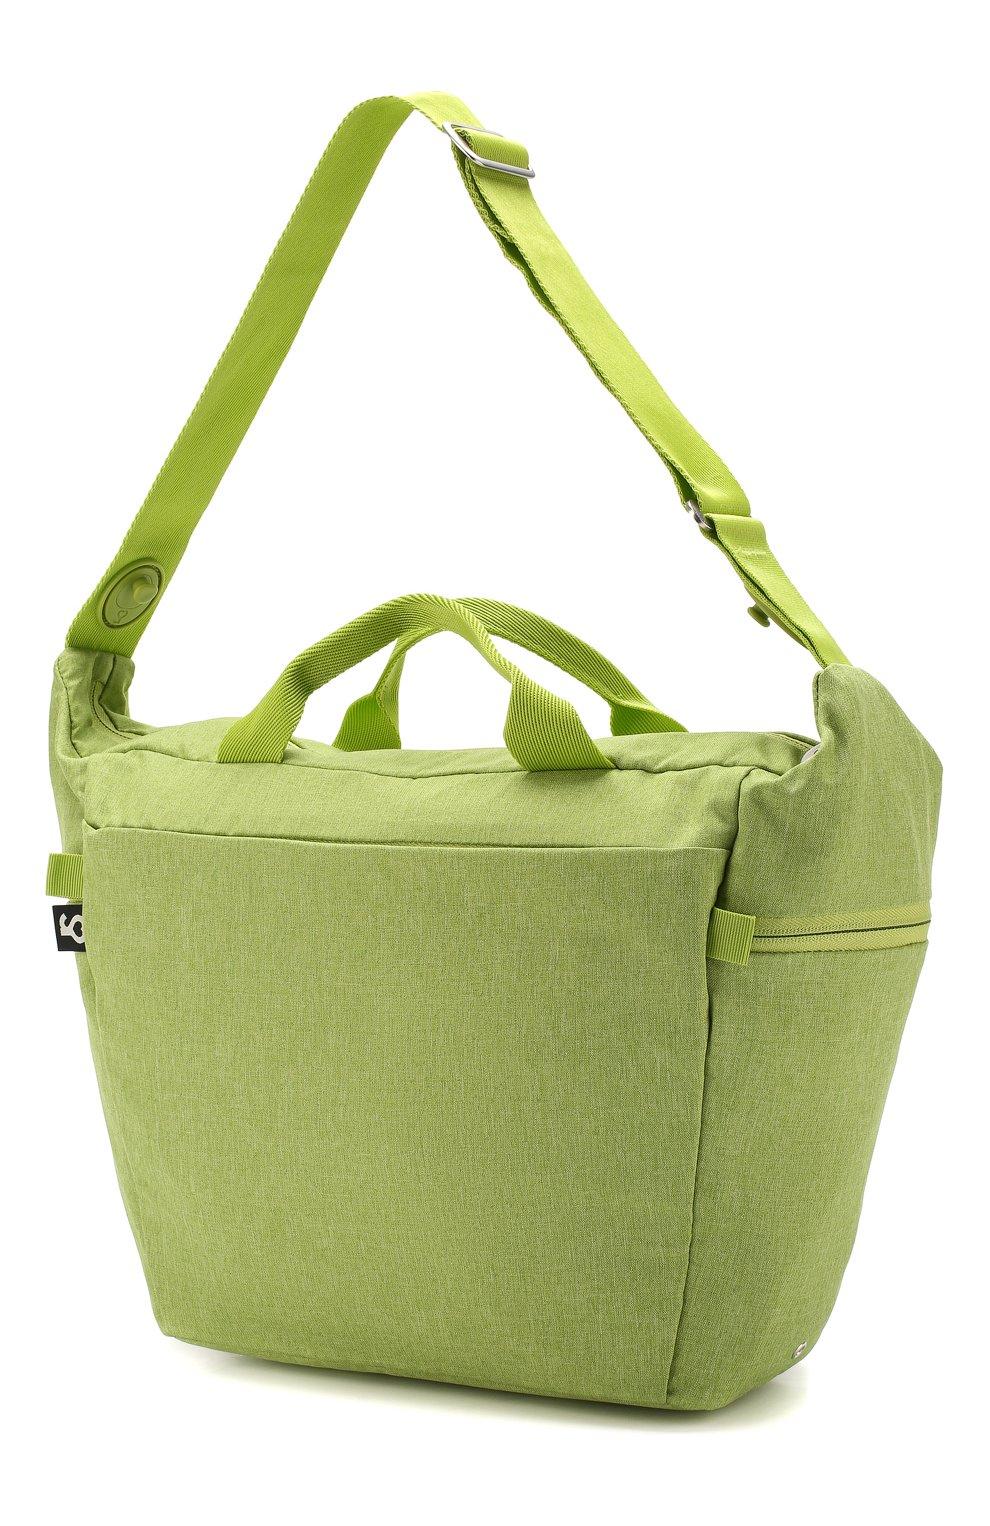 Детская сумка для коляски  doona medium SIMPLE PARENTING зеленого цвета, арт. SP104-99-007-099   Фото 2 (Статус проверки: Проверена категория)